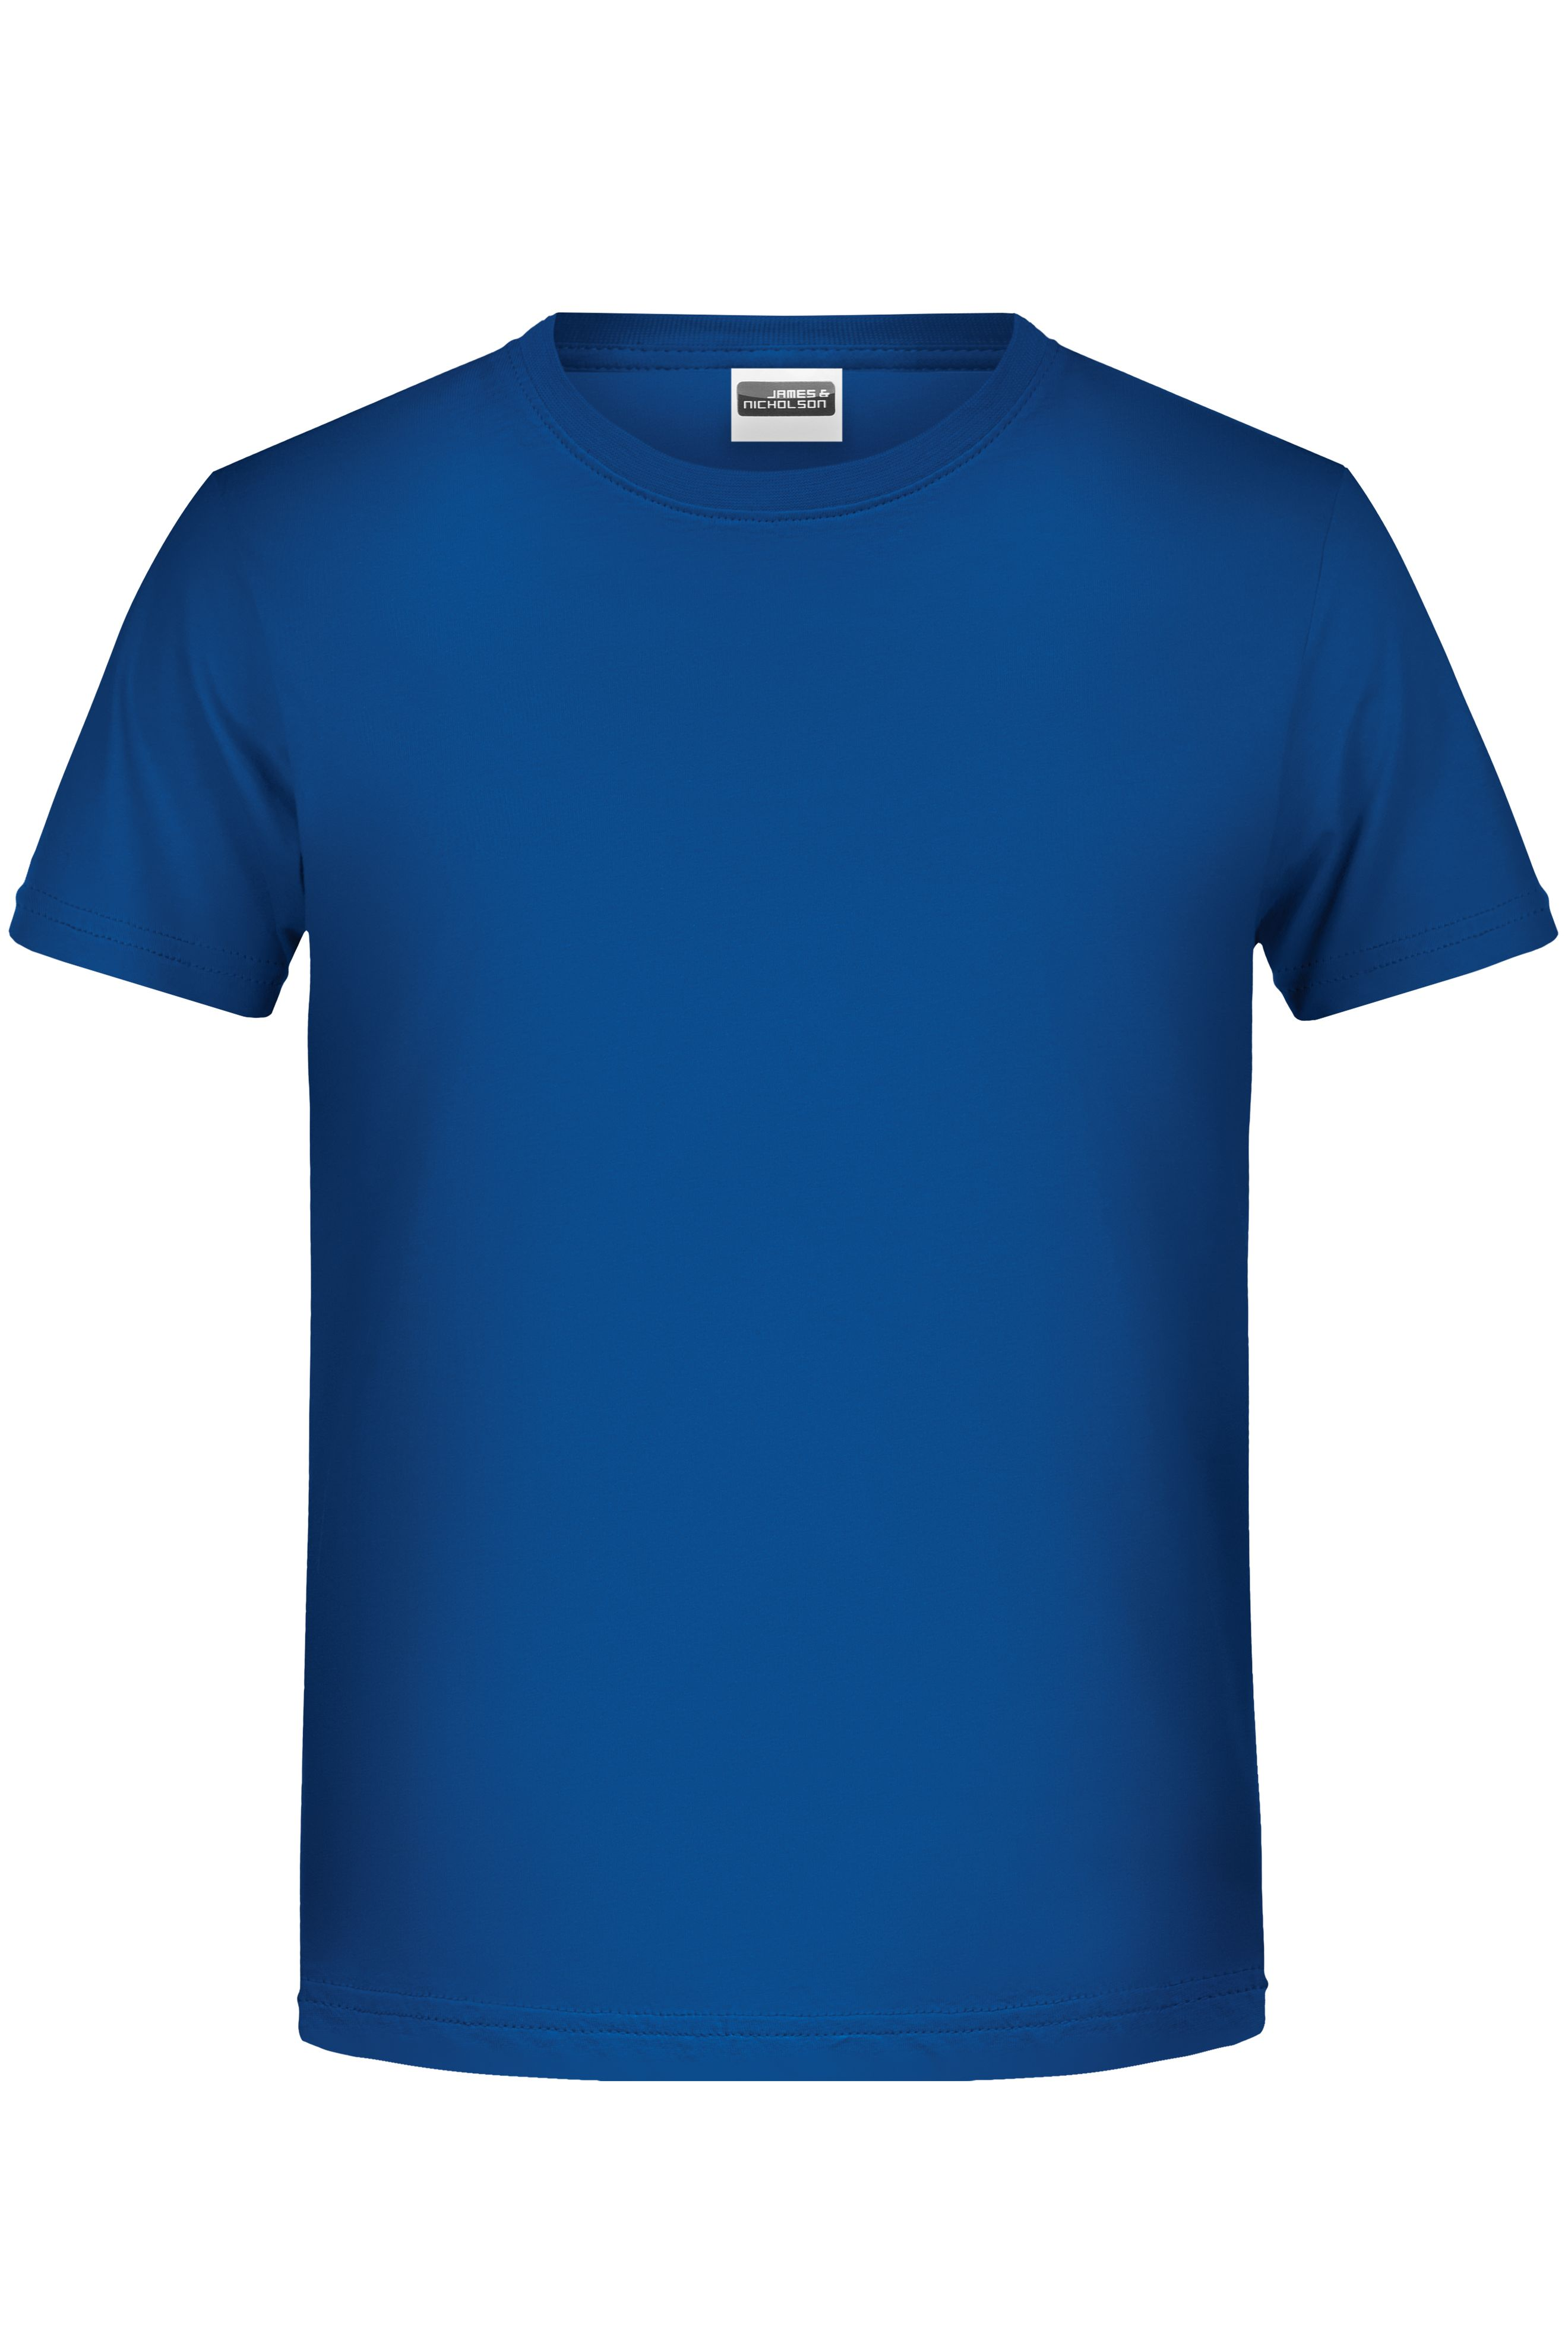 T-Shirt für Jungen in klassischer Form